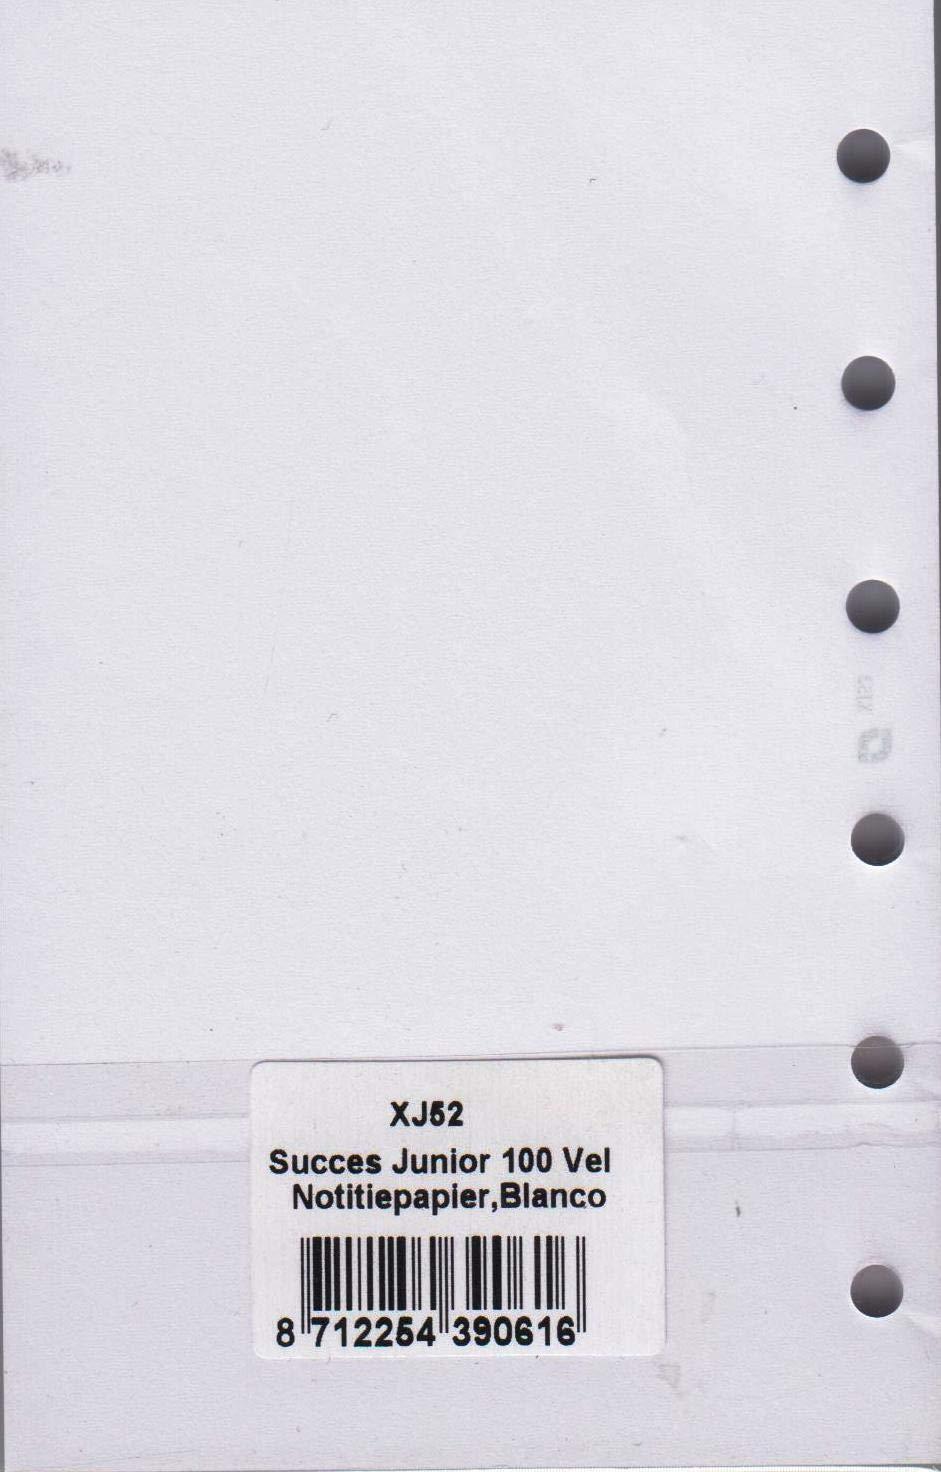 Succes Junior Notizpapier Notizbl/ätter Blanko wei/ß 100 Blatt A7 Notizen Einlagen XJ52